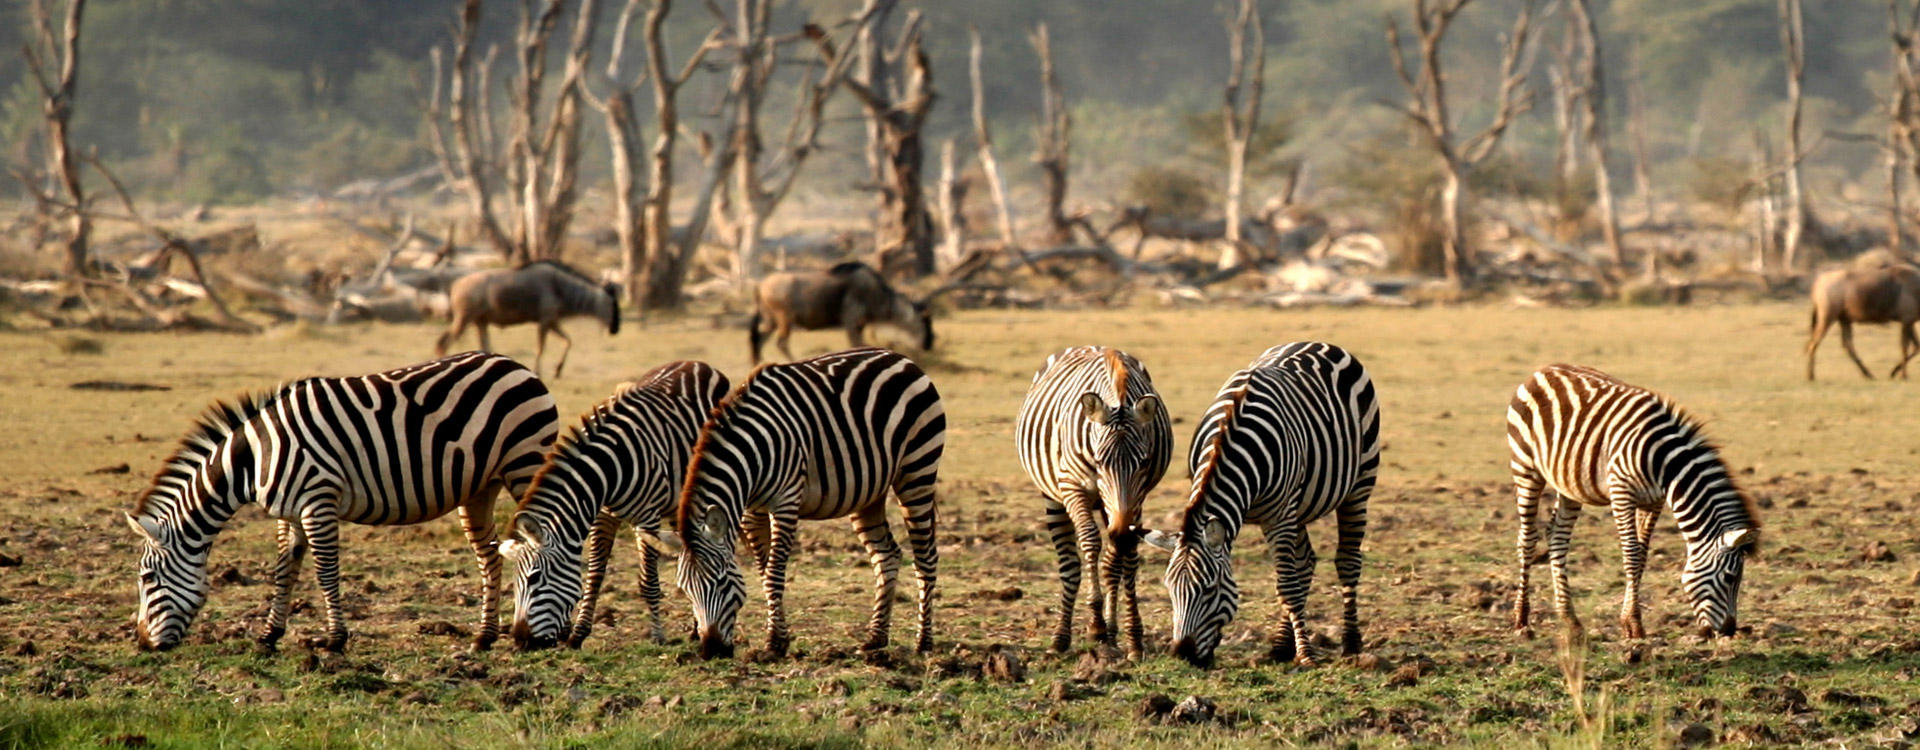 Tanzania Day Trip